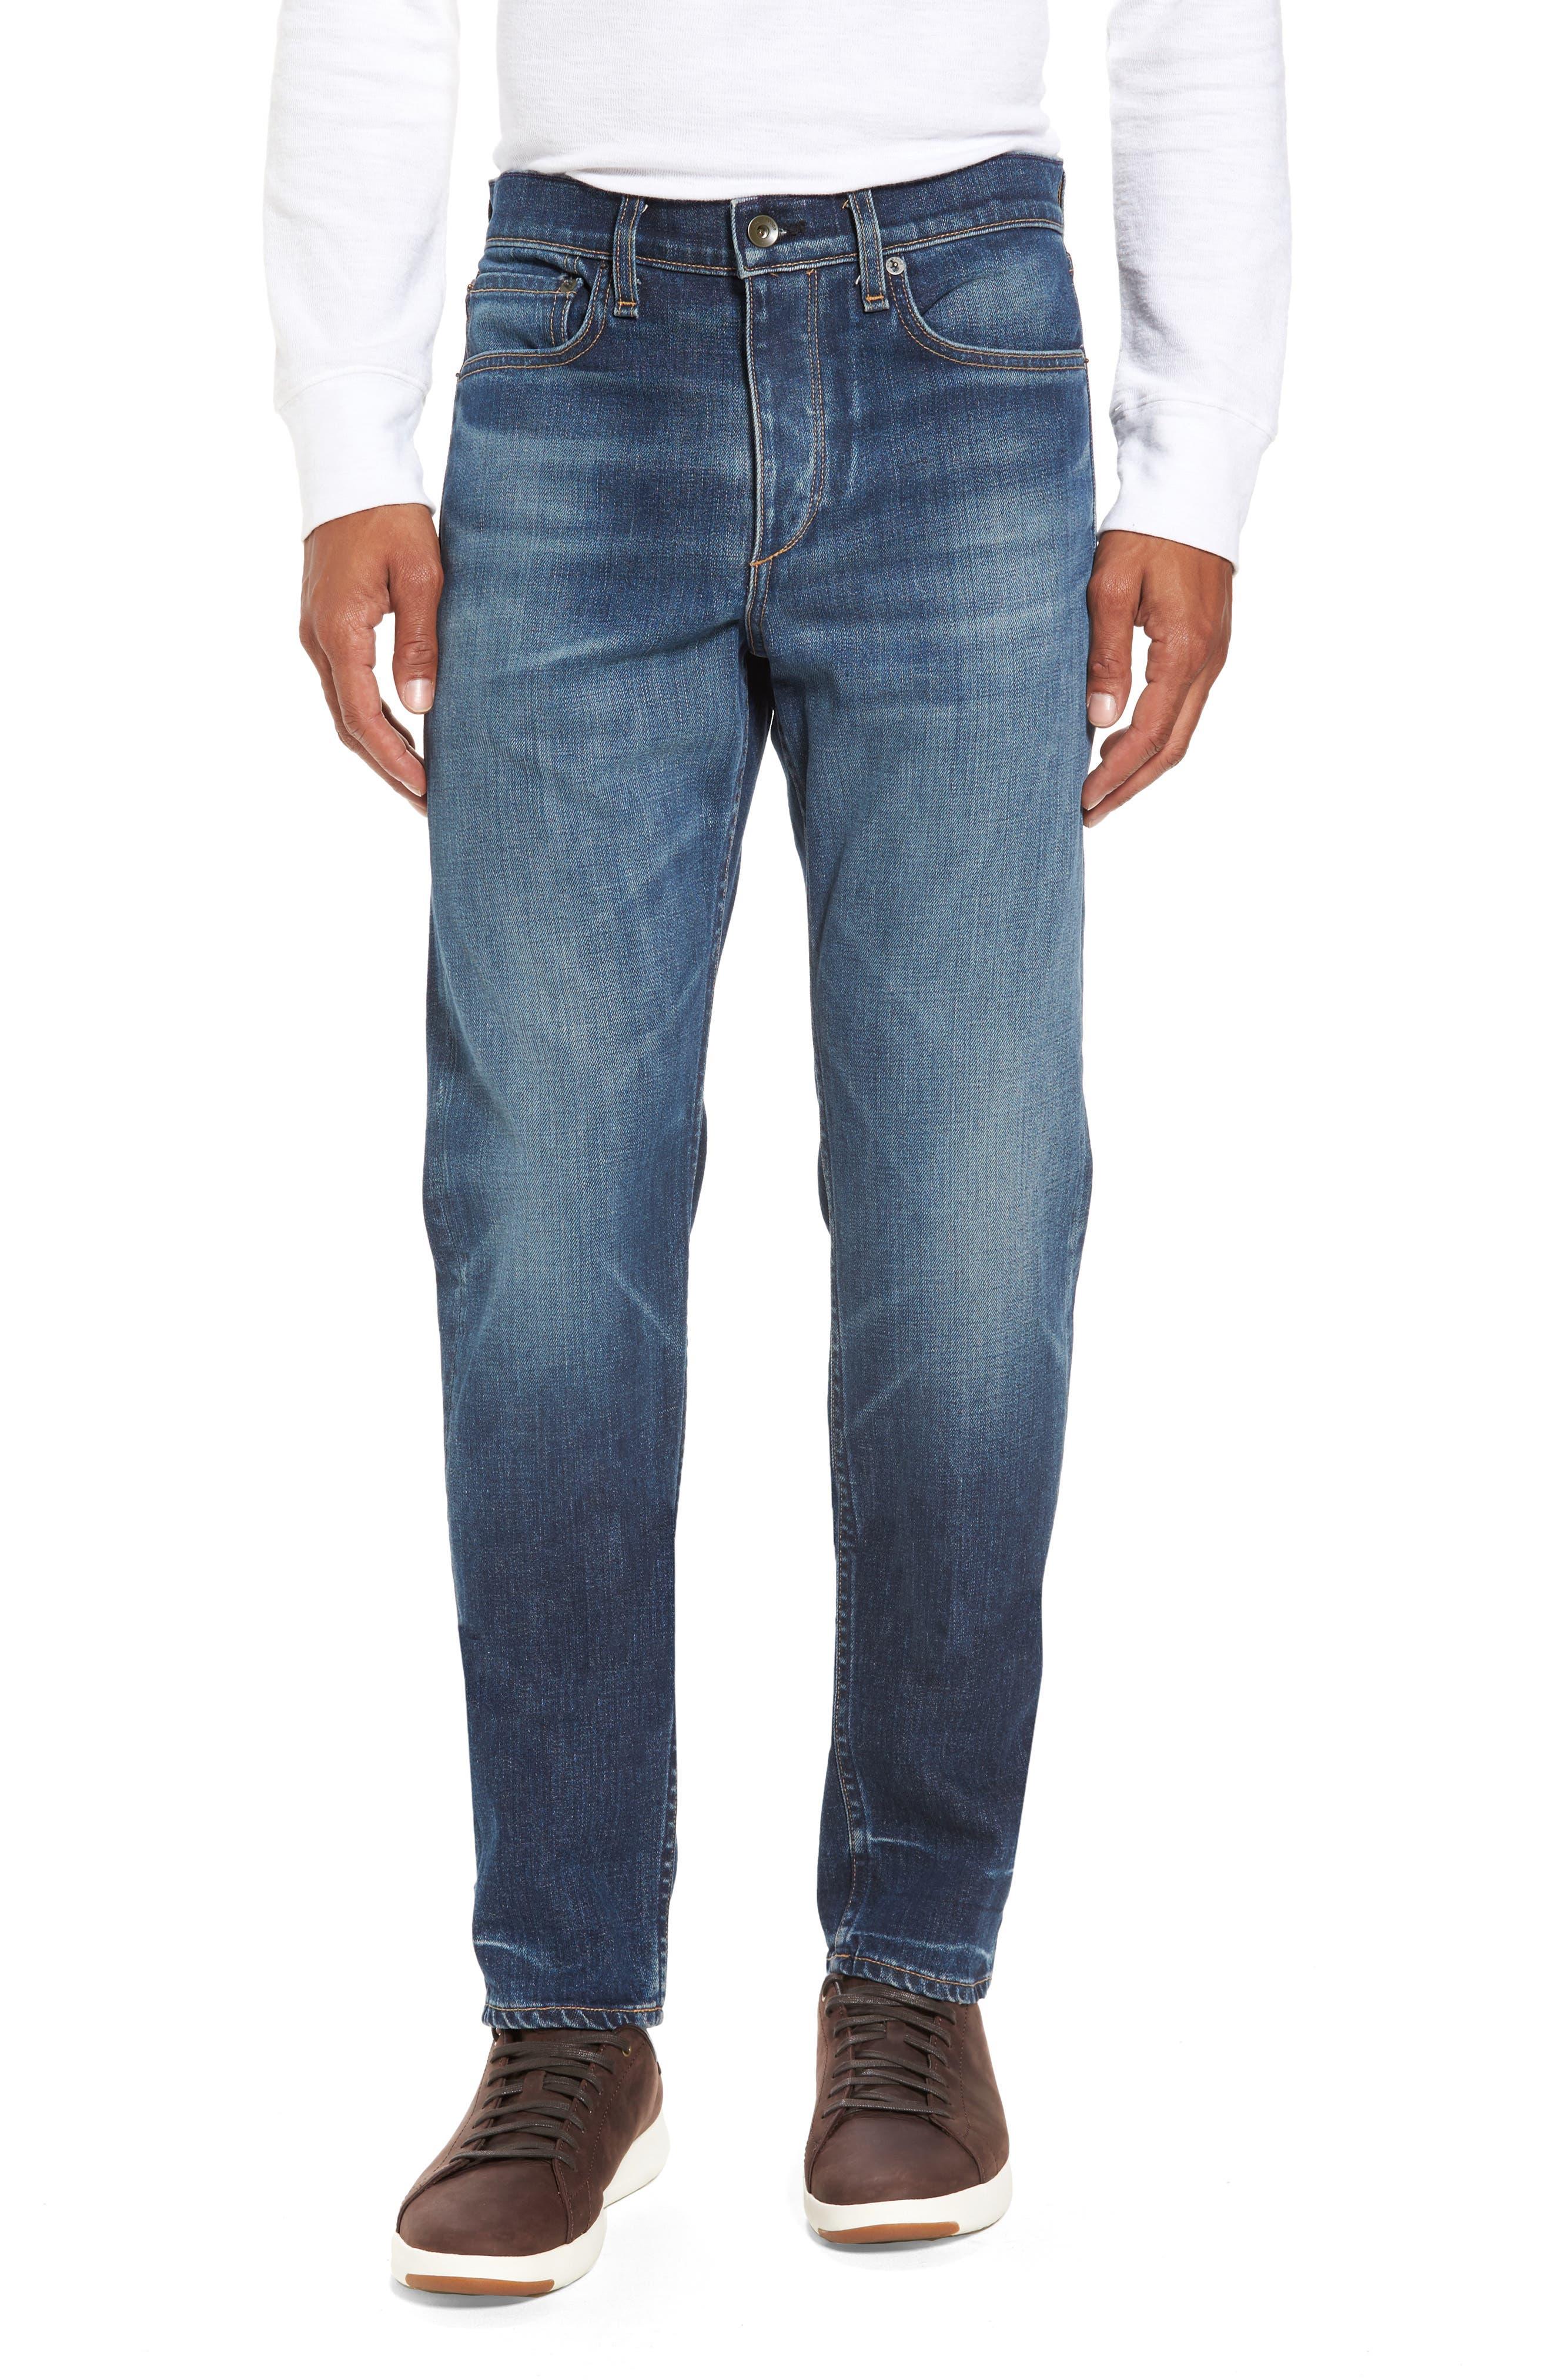 Alternate Image 1 Selected - rag & bone Fit 2 Slim Fit Jeans (Linden)